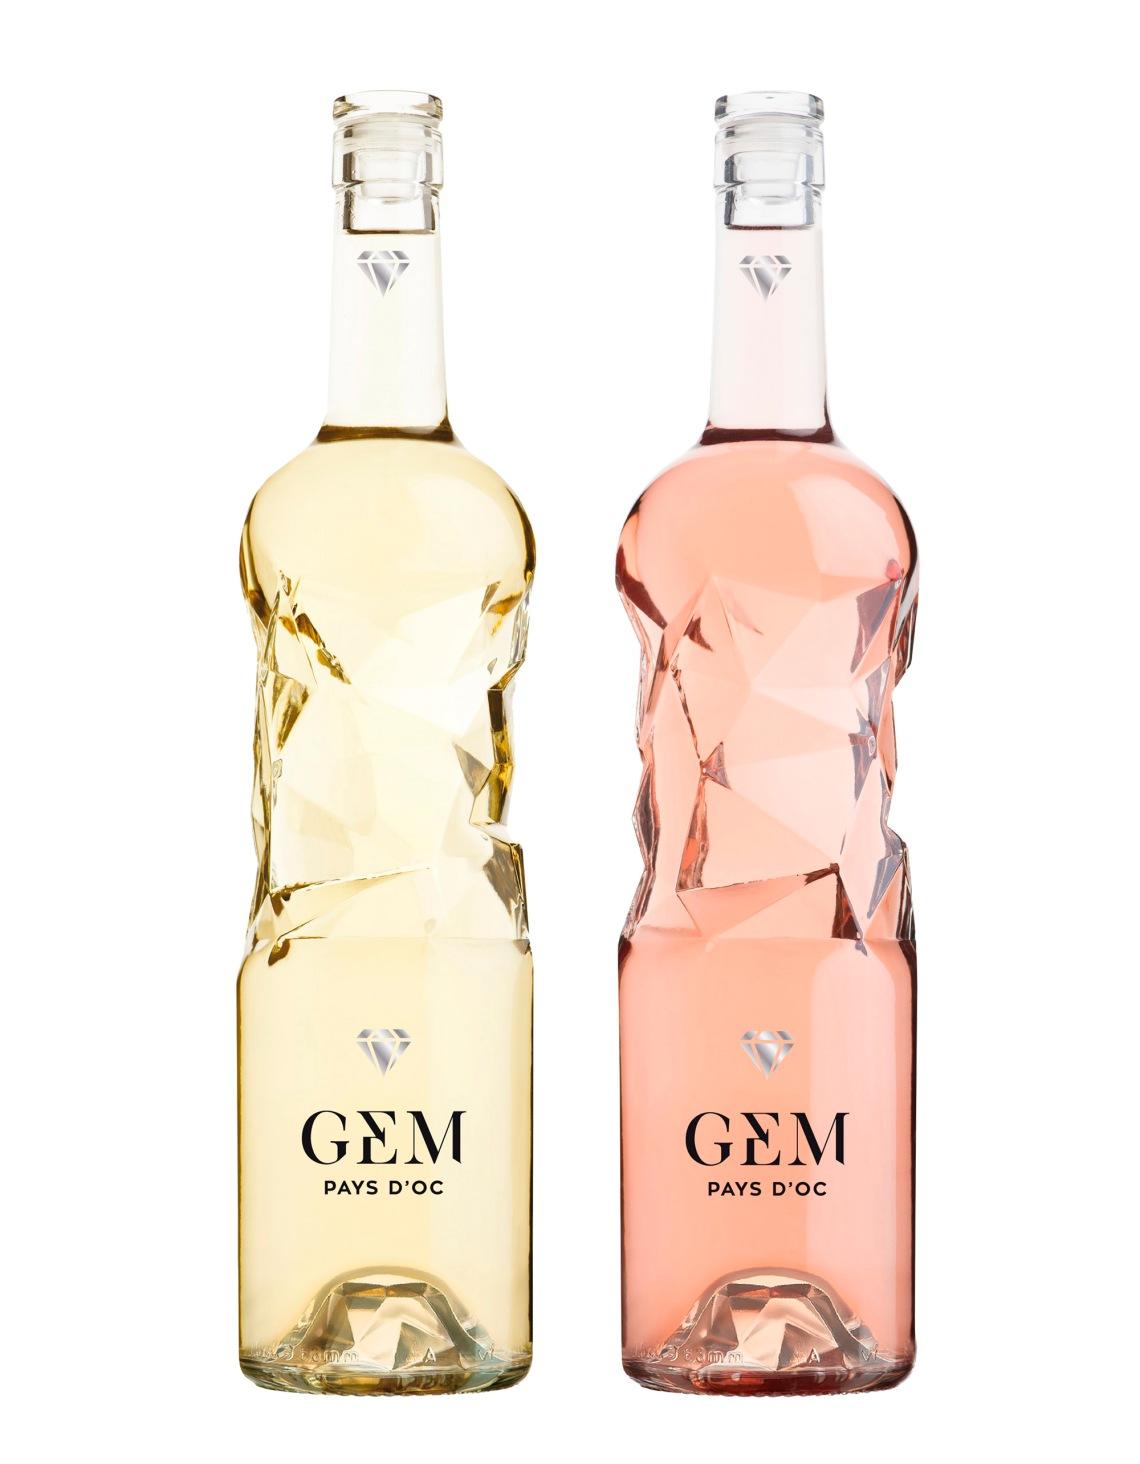 vinhos Gem Pays d'oc (La Pastina Importadora)